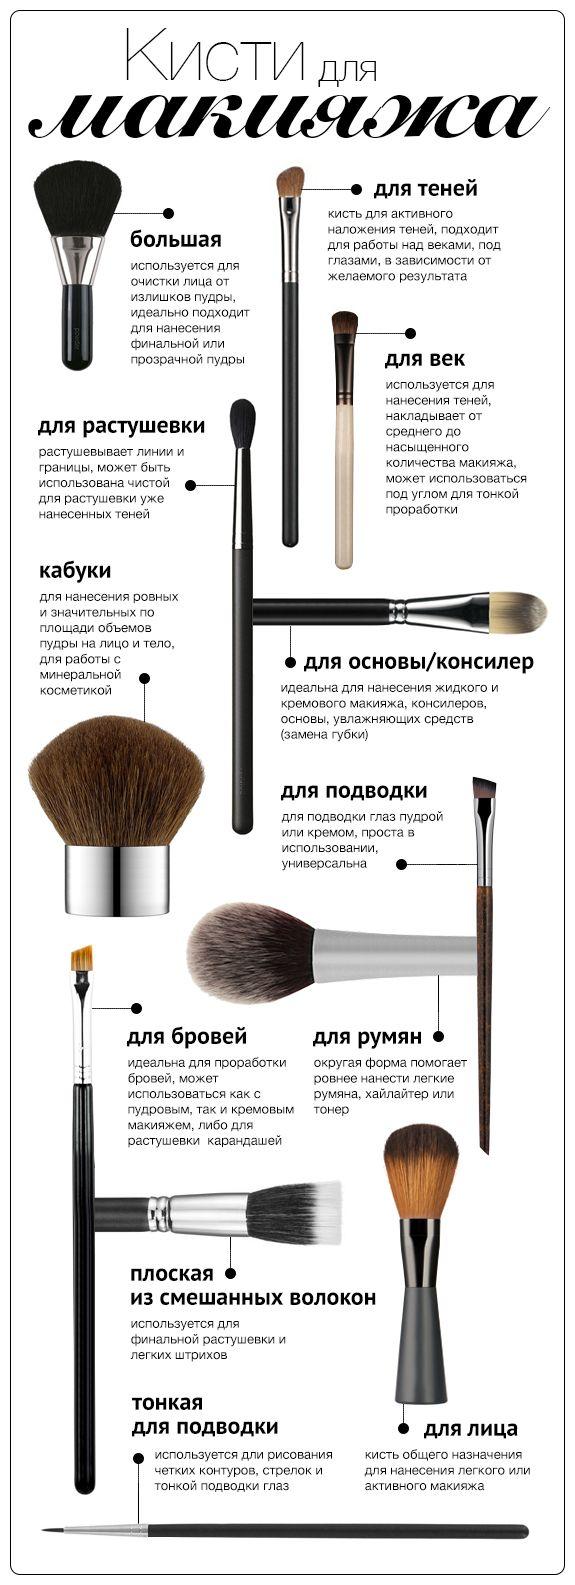 yapokupayu.ru